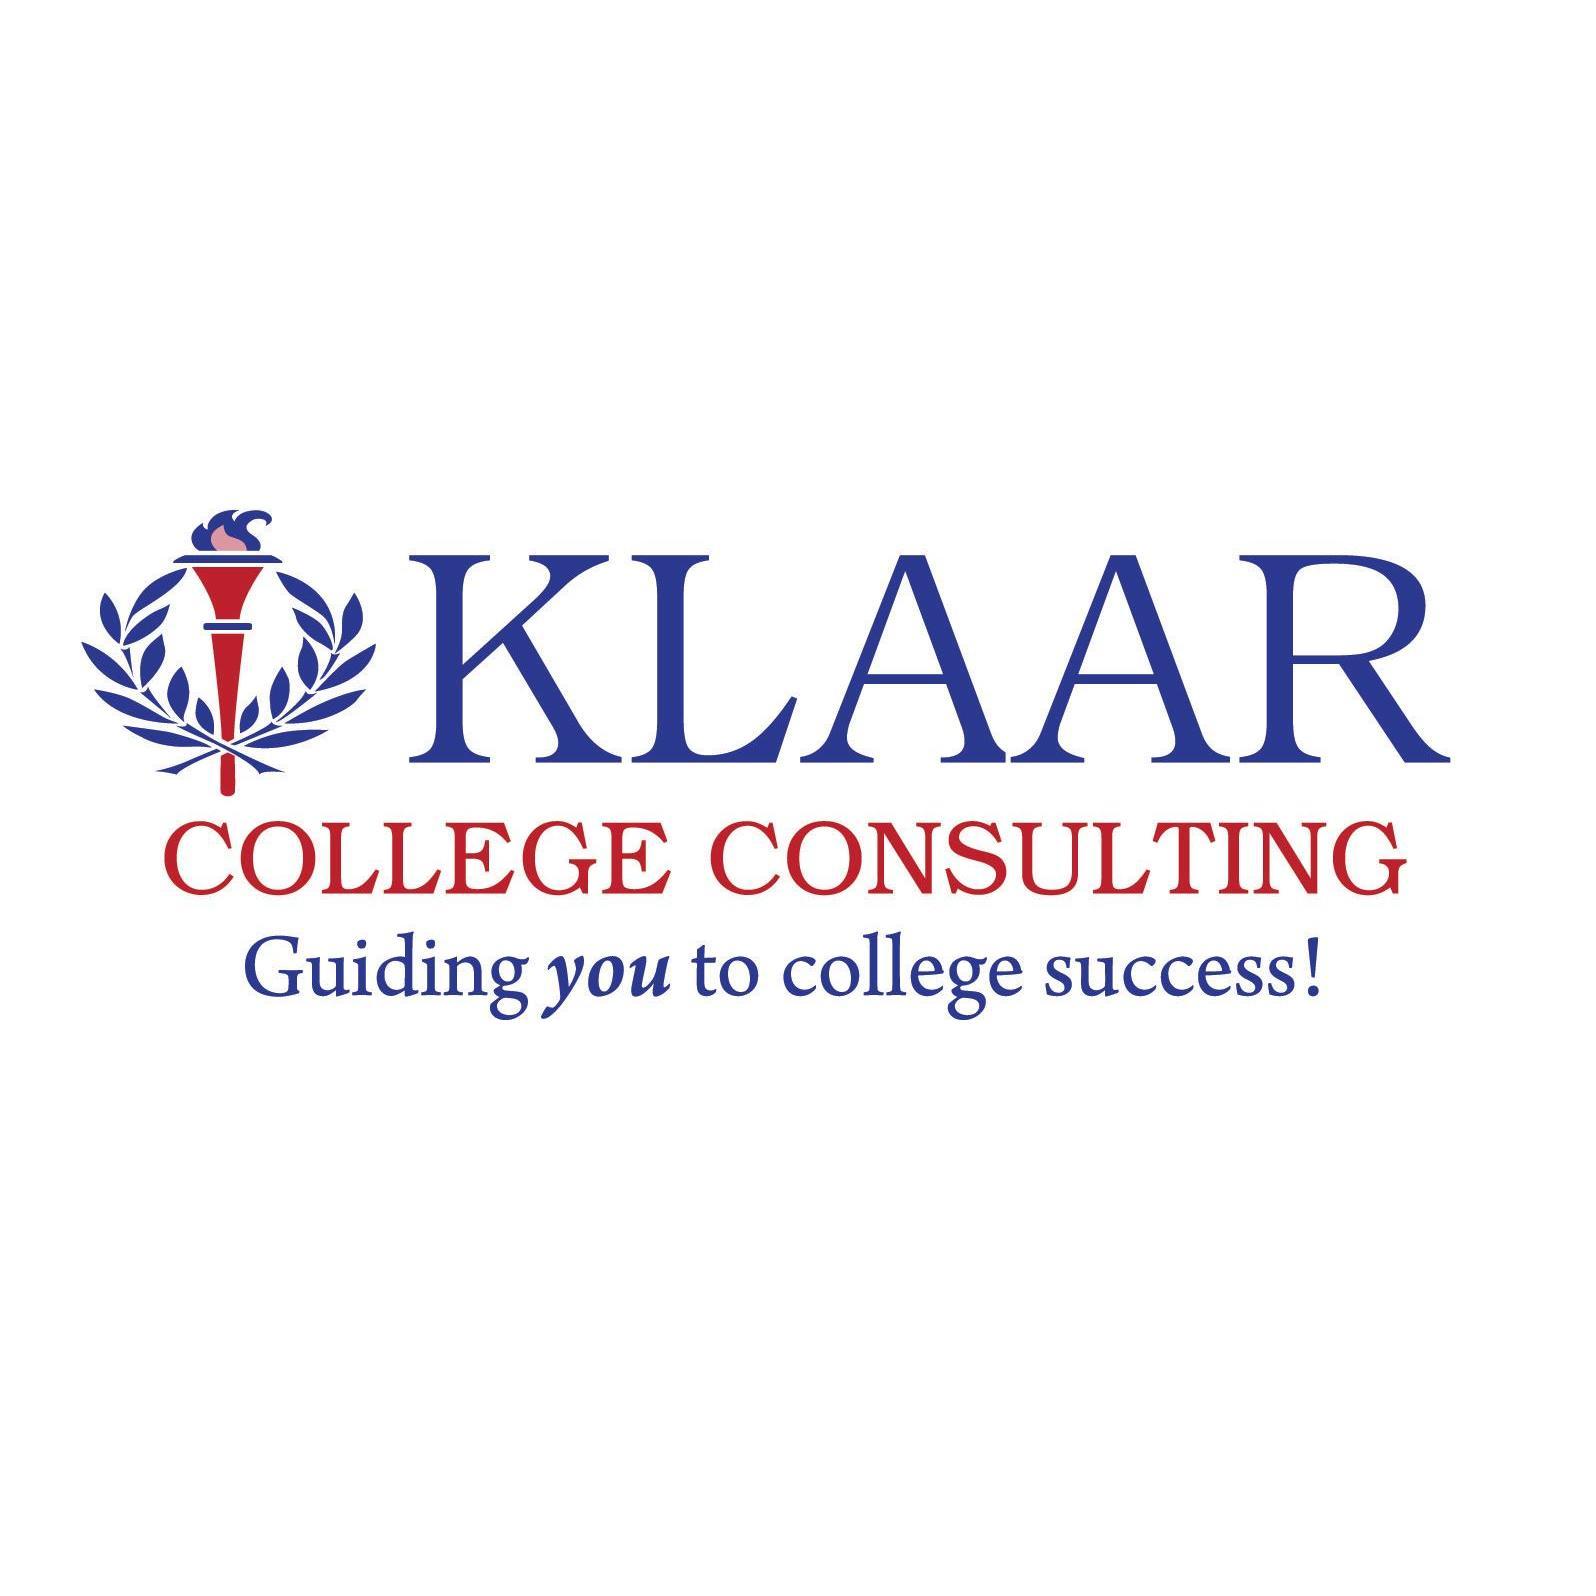 Klaar College Consulting LLC image 6